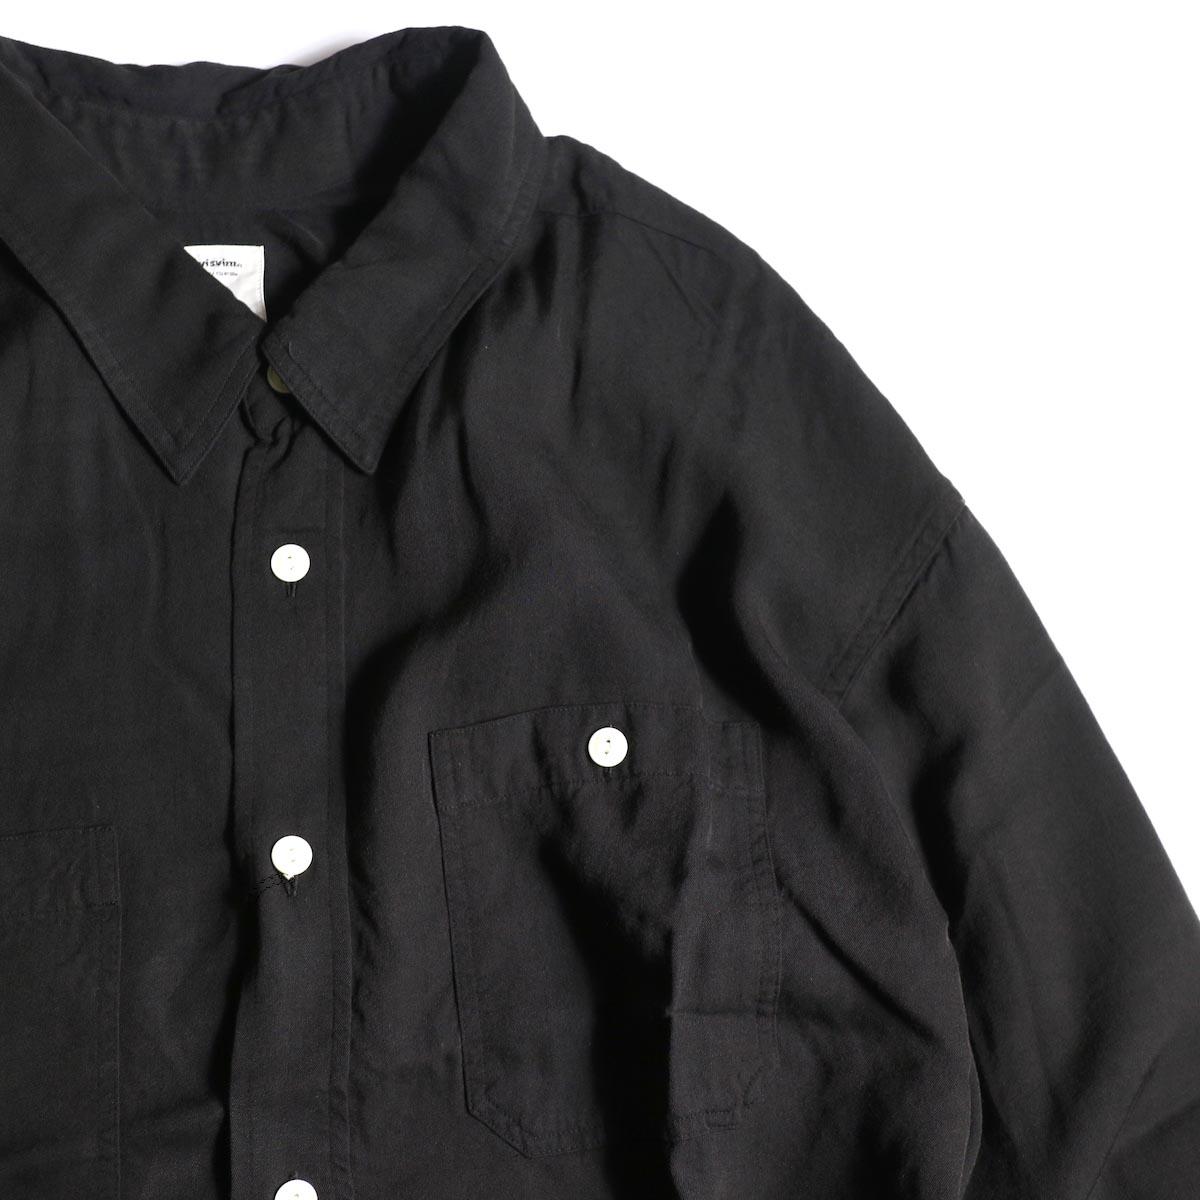 visvim / MAINSAIL SHIRT L/S (RAYON) (Black)ポケット、襟